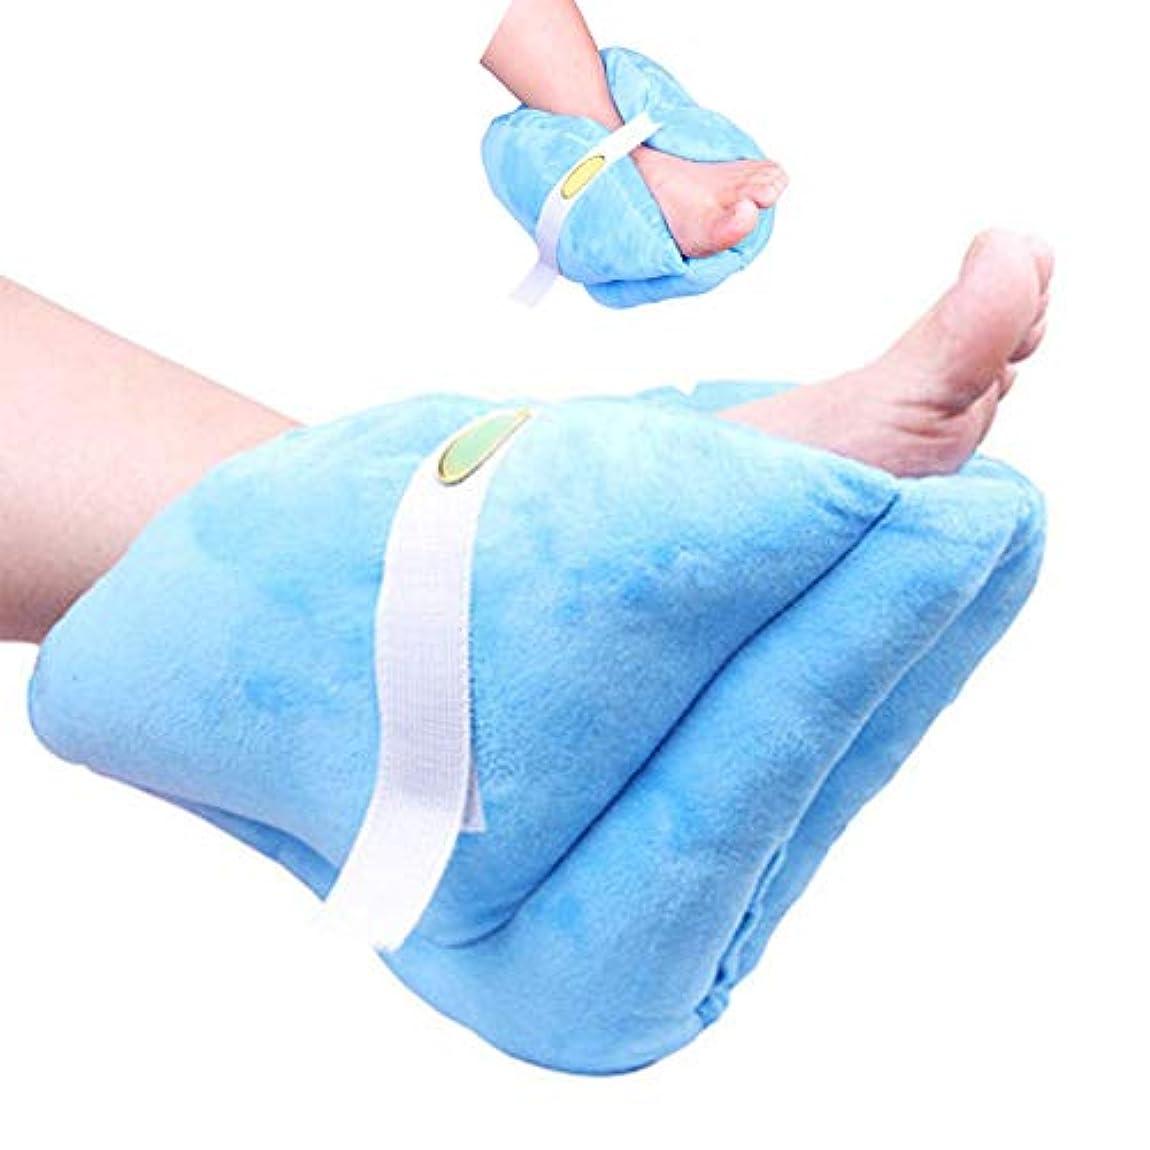 ミケランジェロアナログ集計ヒールクッションプロテクター、足と足首の枕 、足の圧力を緩和し、褥瘡を保護します